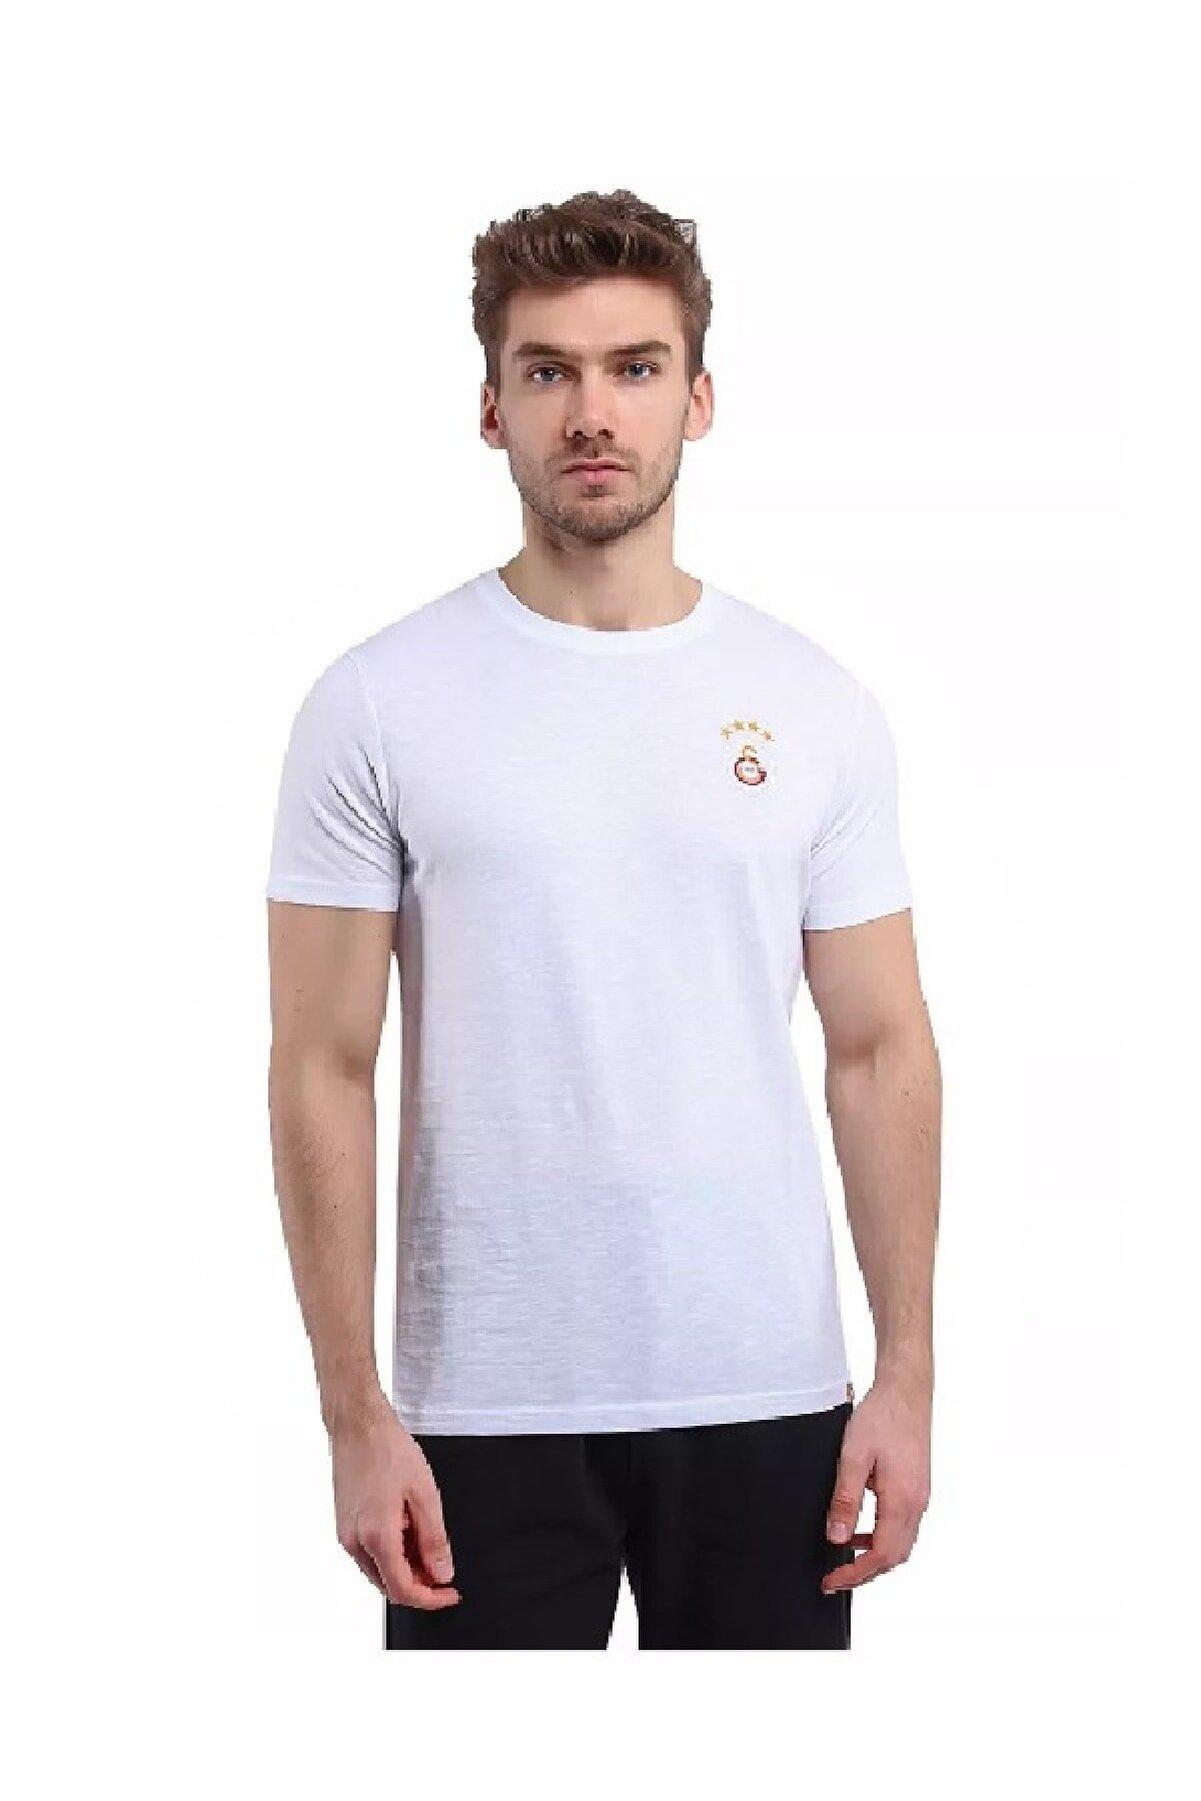 Galatasaray Erkek Spor T-shirt - E88045 O Yaka Tee